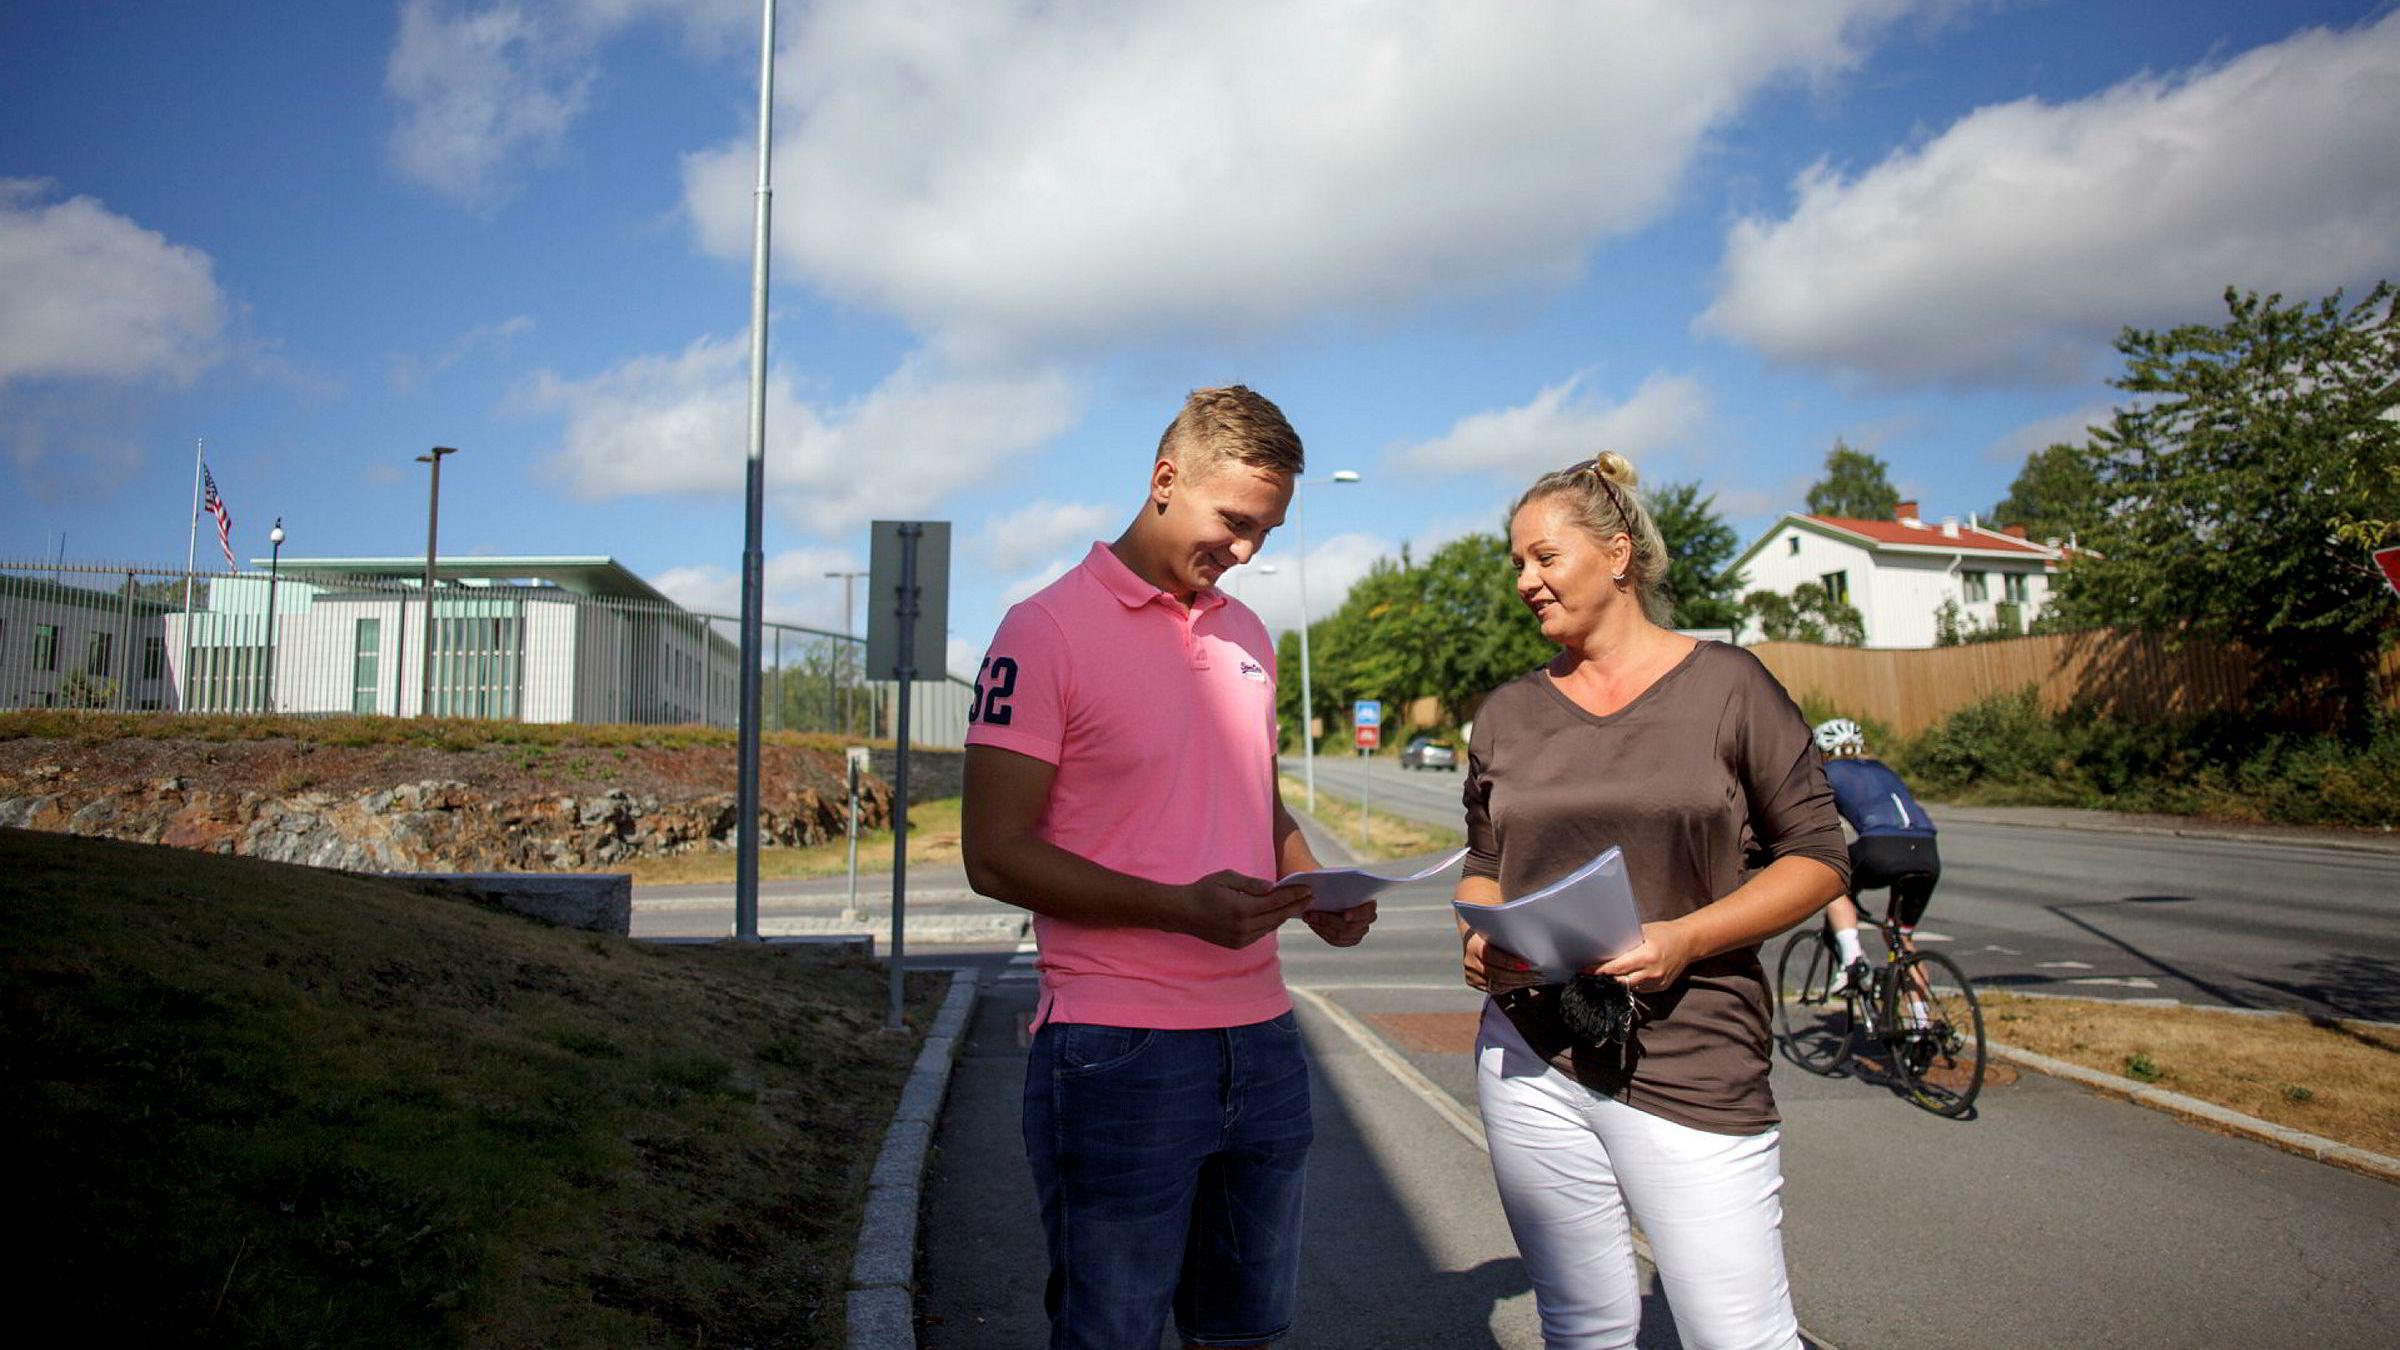 Dominika Andreassen (til høyre) og sønnen Filip Andreassen er utenfor USAs ambassade i Oslo, der de nettopp har søkt om visum på egen hånd. Flere selskaper tjener gode penger på å være mellommenn. Selskapet Visumservice ble nylig solgt for over 100 millioner kroner.